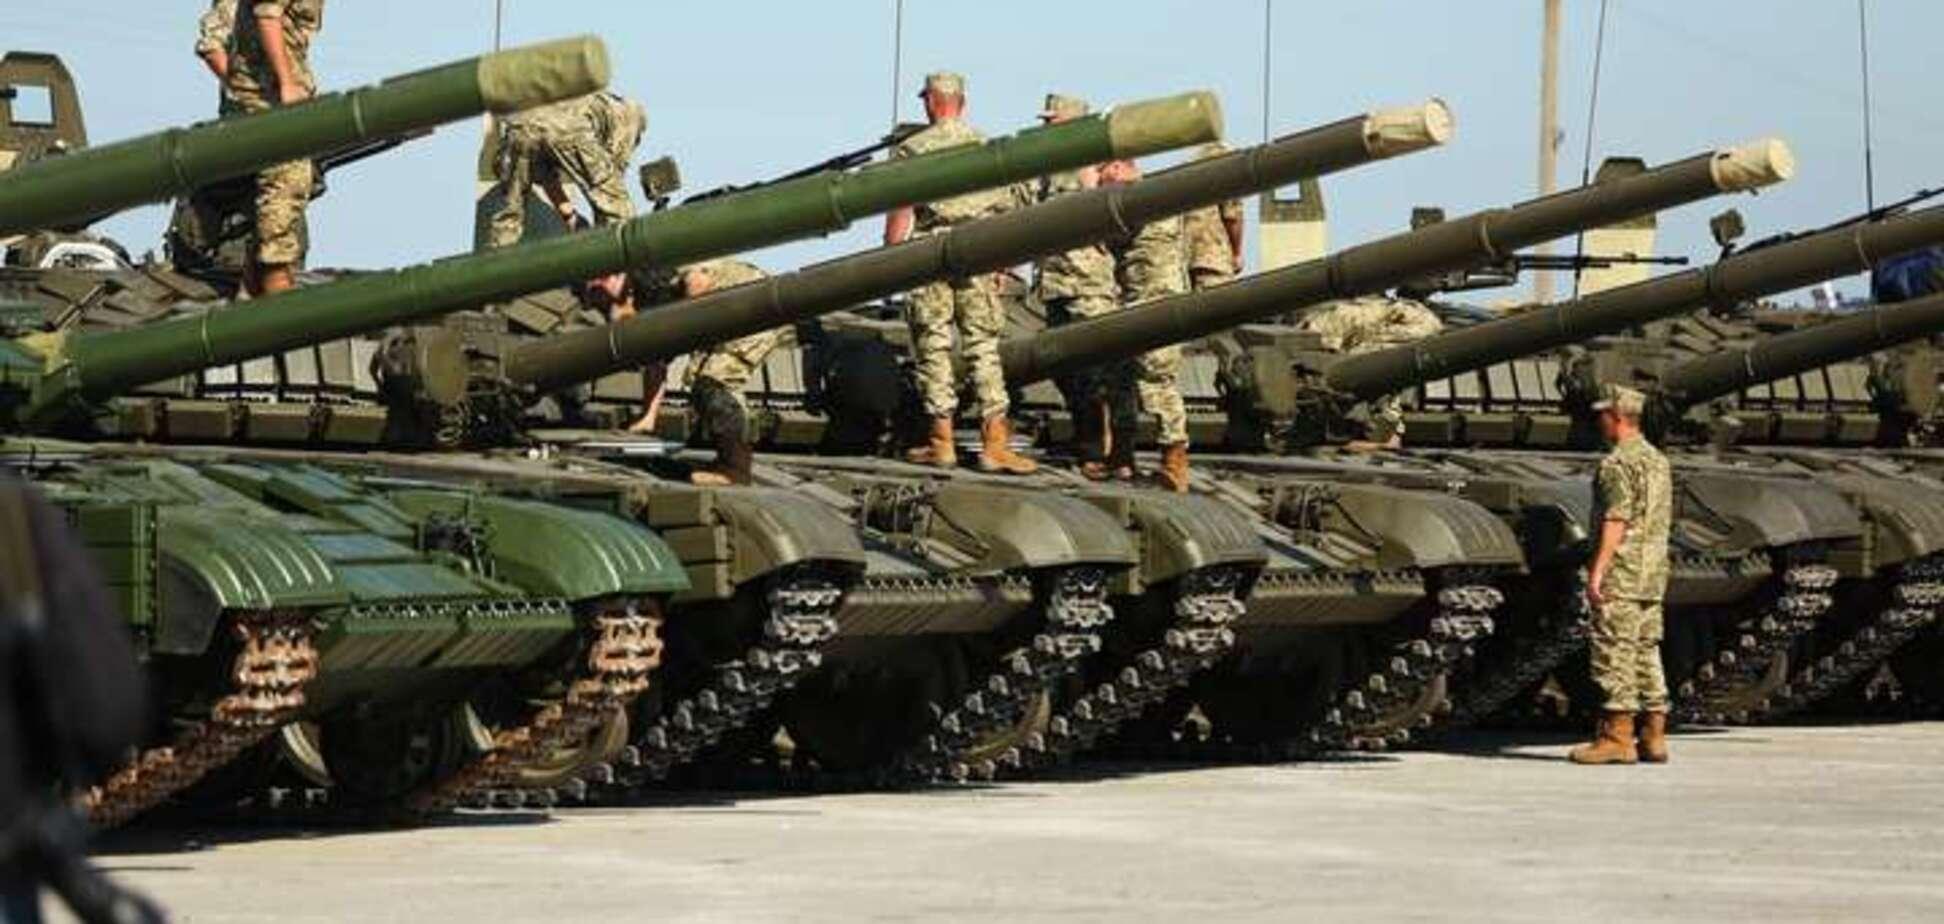 В Україні дефіцит сучасного озброєння: великої трагедії у цьому немає